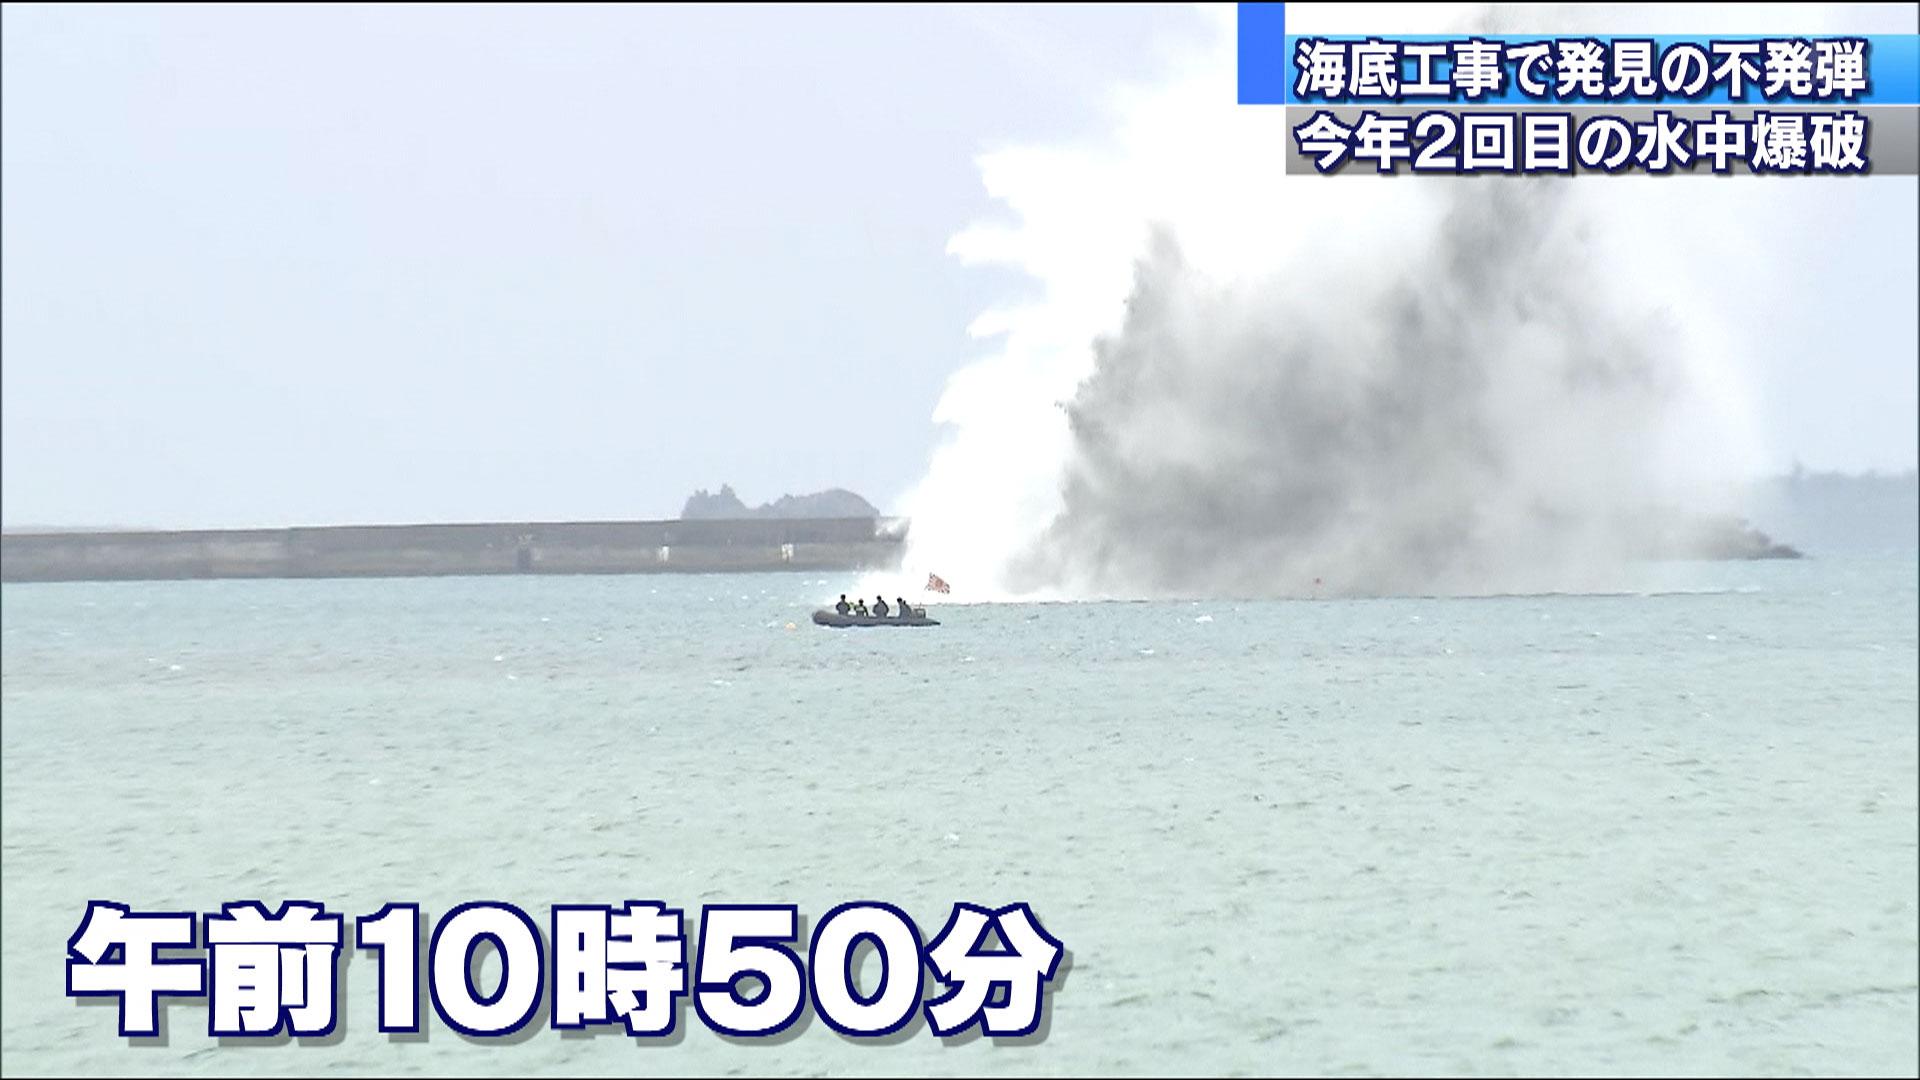 中城湾港で不発弾処理 今年2回目の水中爆破